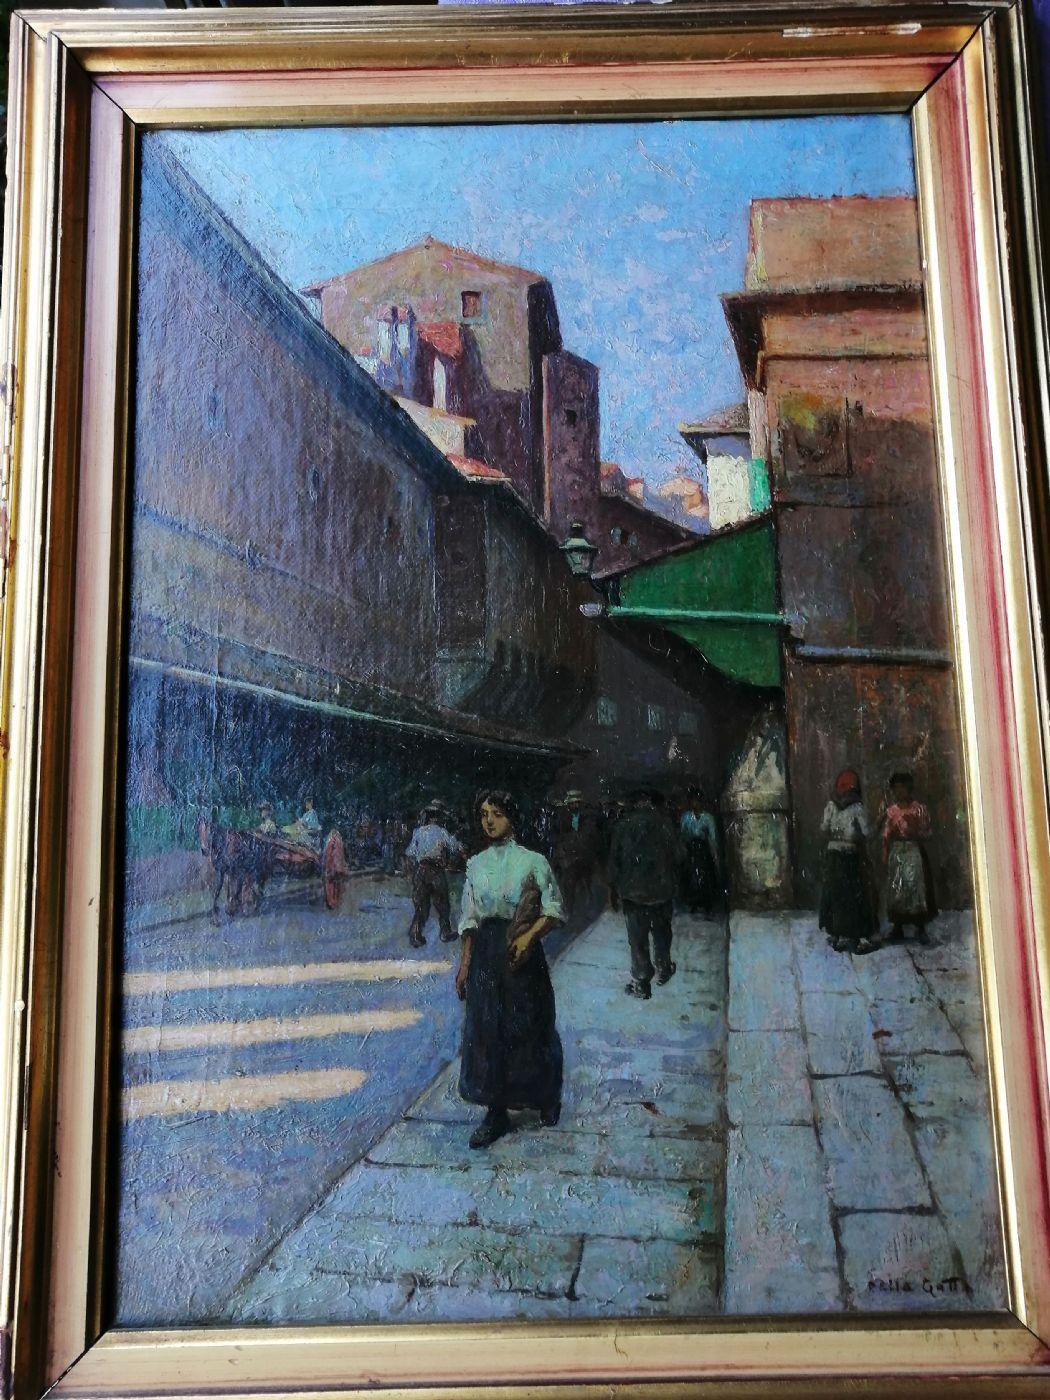 thumb10|Anacleto Della Gatta (Sezze 1868 - Carmignano 1932) - Ponte Vecchio fine '800 primo '900  - Dipinto firmato